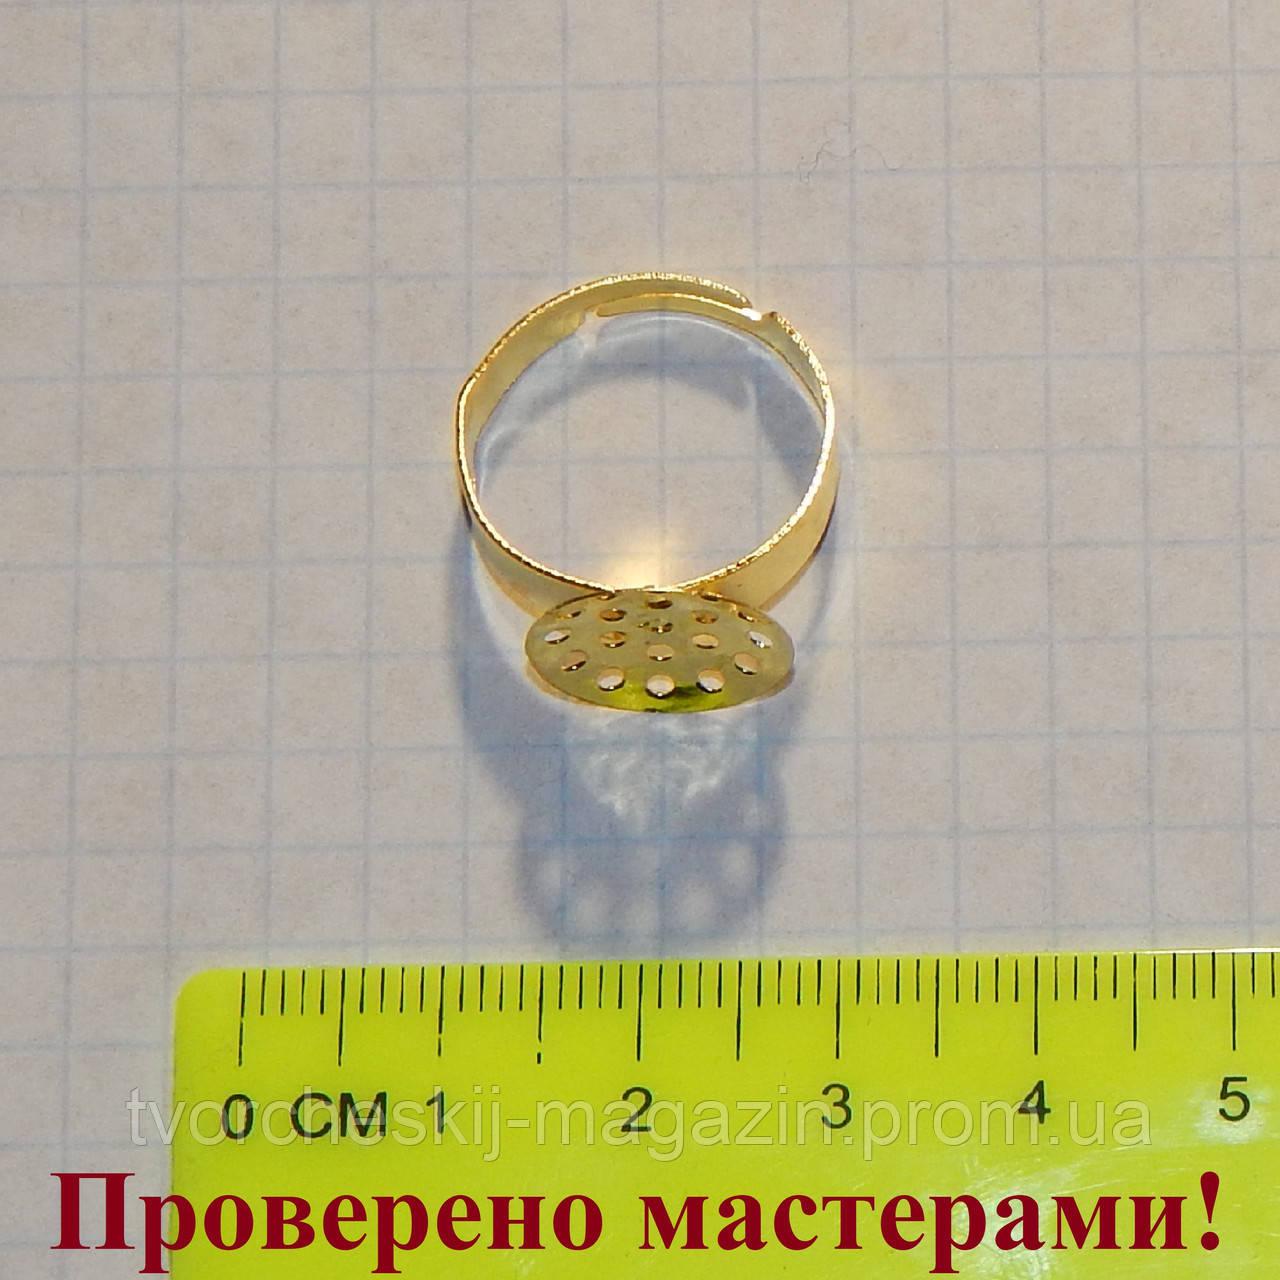 Основа для кольца с площадкой сеточкой, золотистая, безразмерная, диаметр сеточки 14 мм.